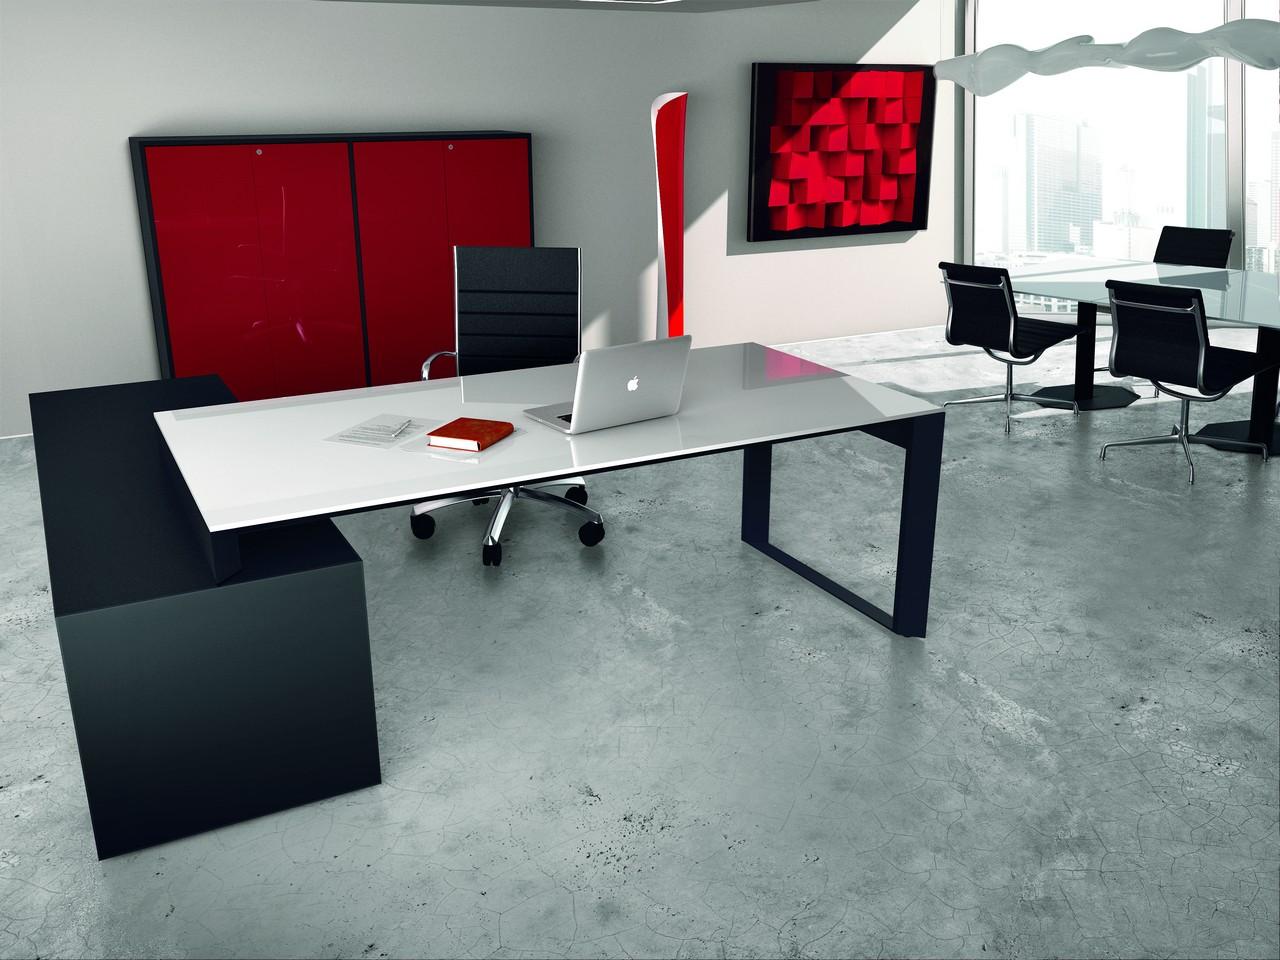 Biwo tu nueva oficina simposio for Despachos y oficinas